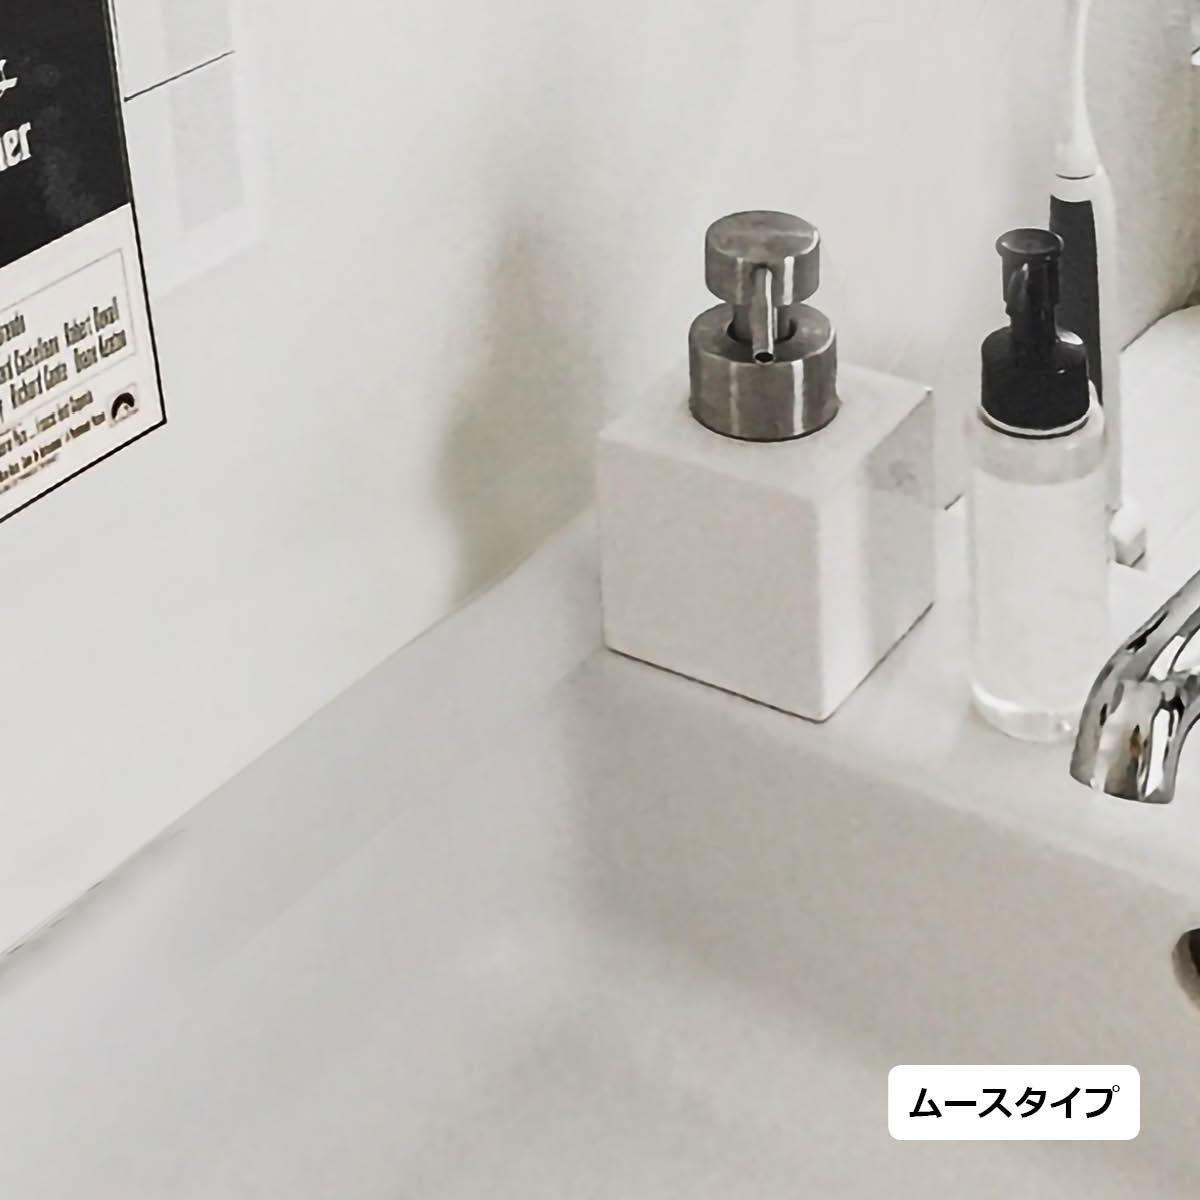 ハンドソープ ディスペンサー 詰め替えボトル 陶器 泡 セラミック 安い 激安 プチプラ 高品質 b2c 激安挑戦中 ムースボトル-mini #SL_BT